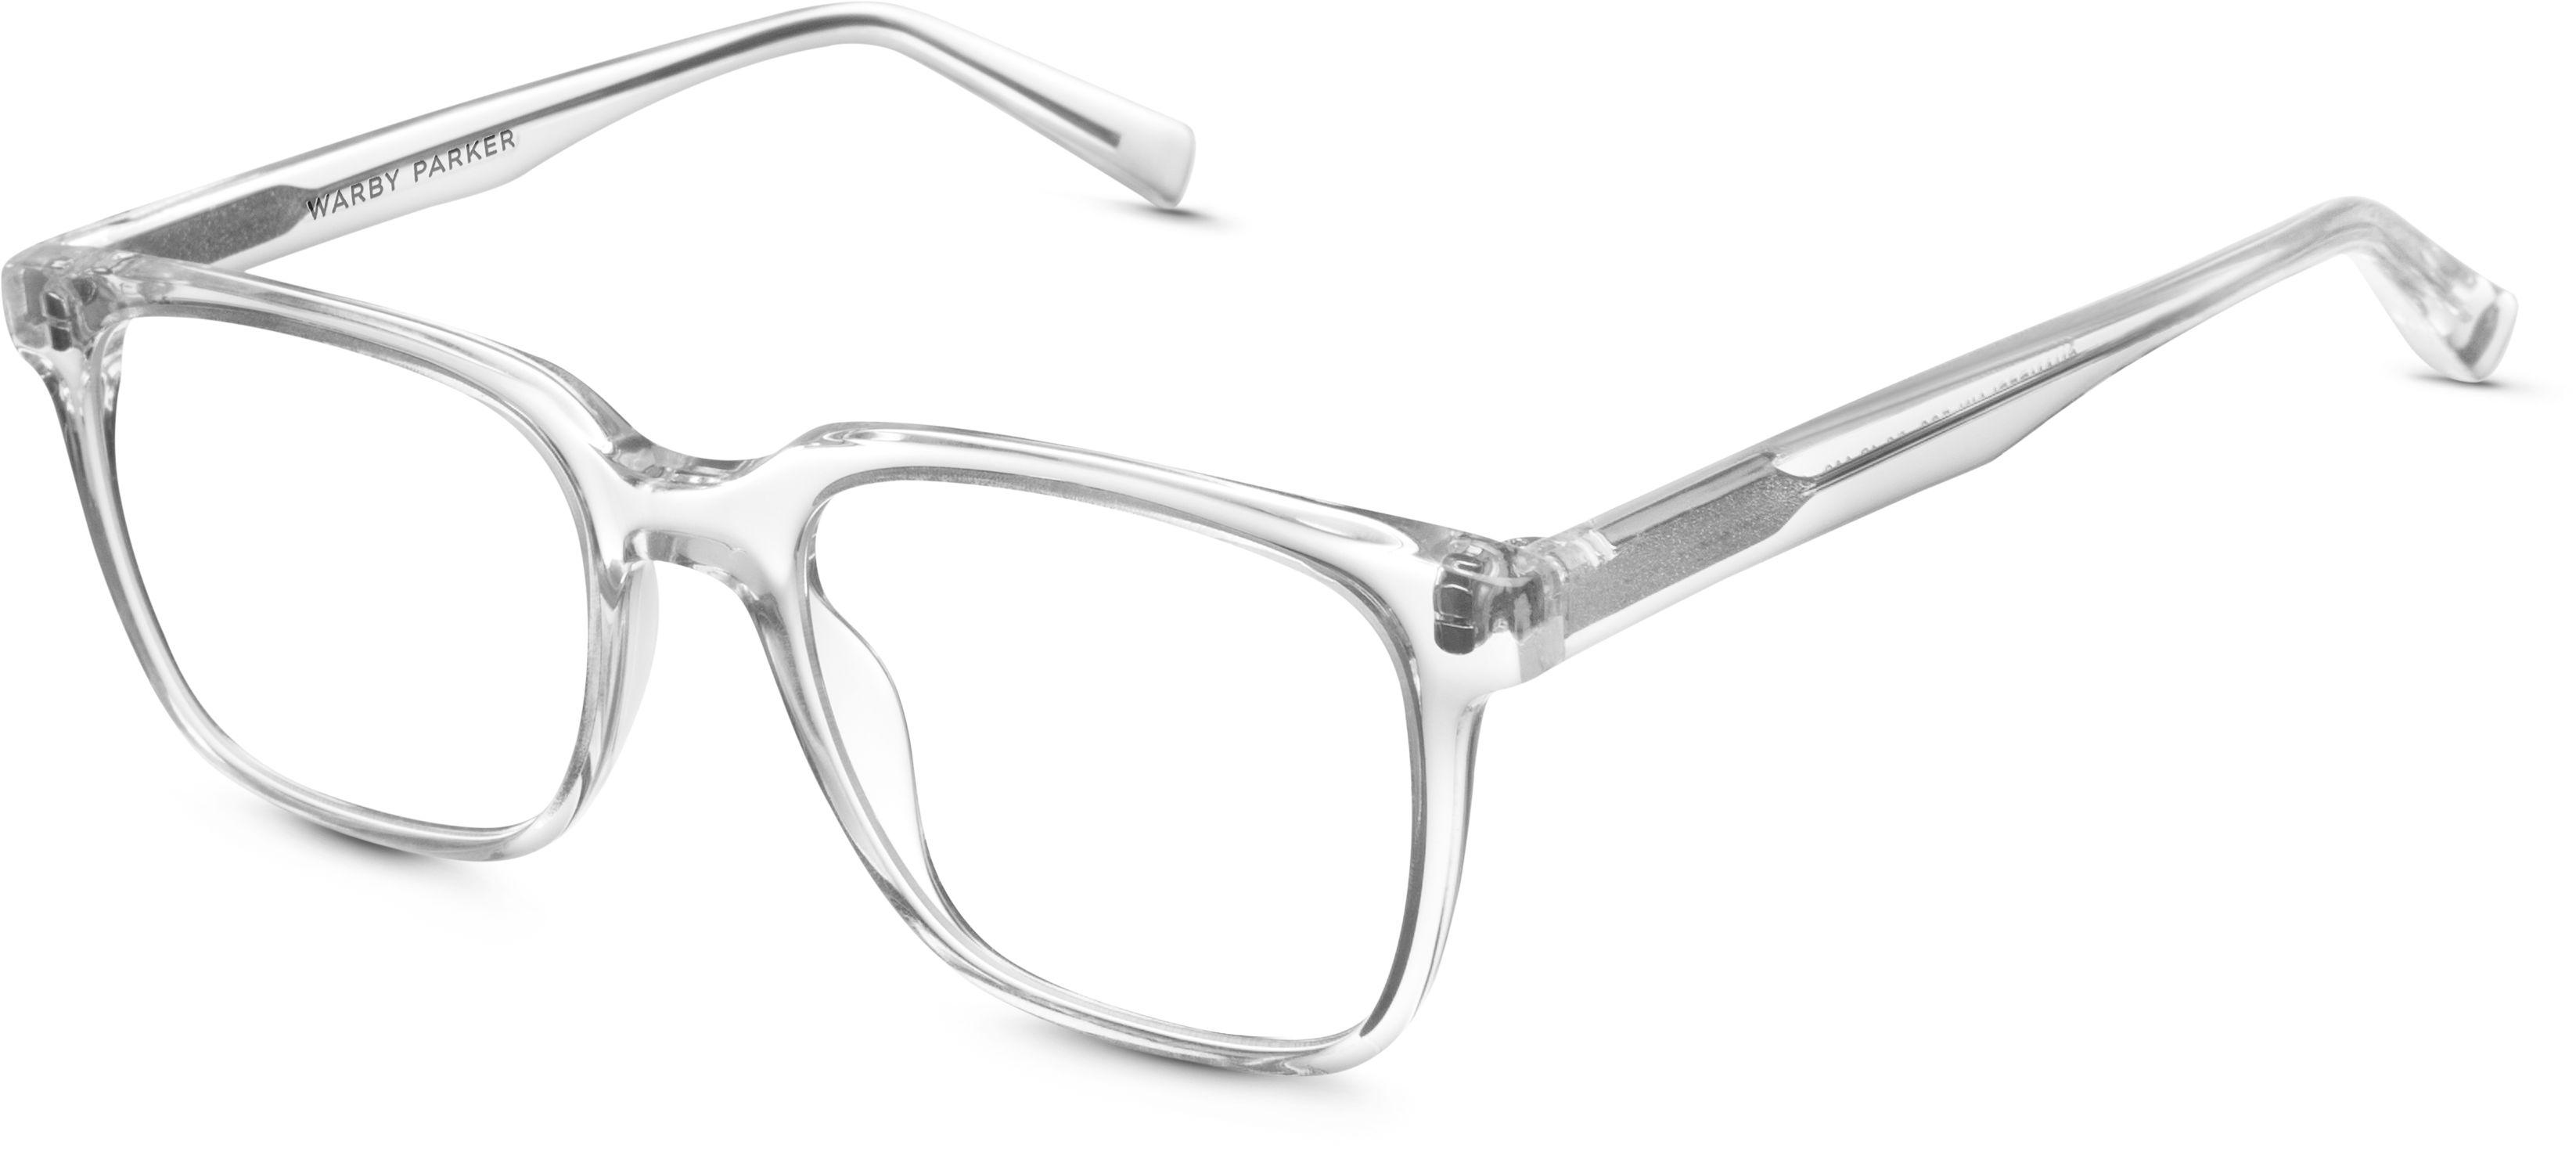 c88d7524711b Chamberlain Eyeglasses in Crystal for Men